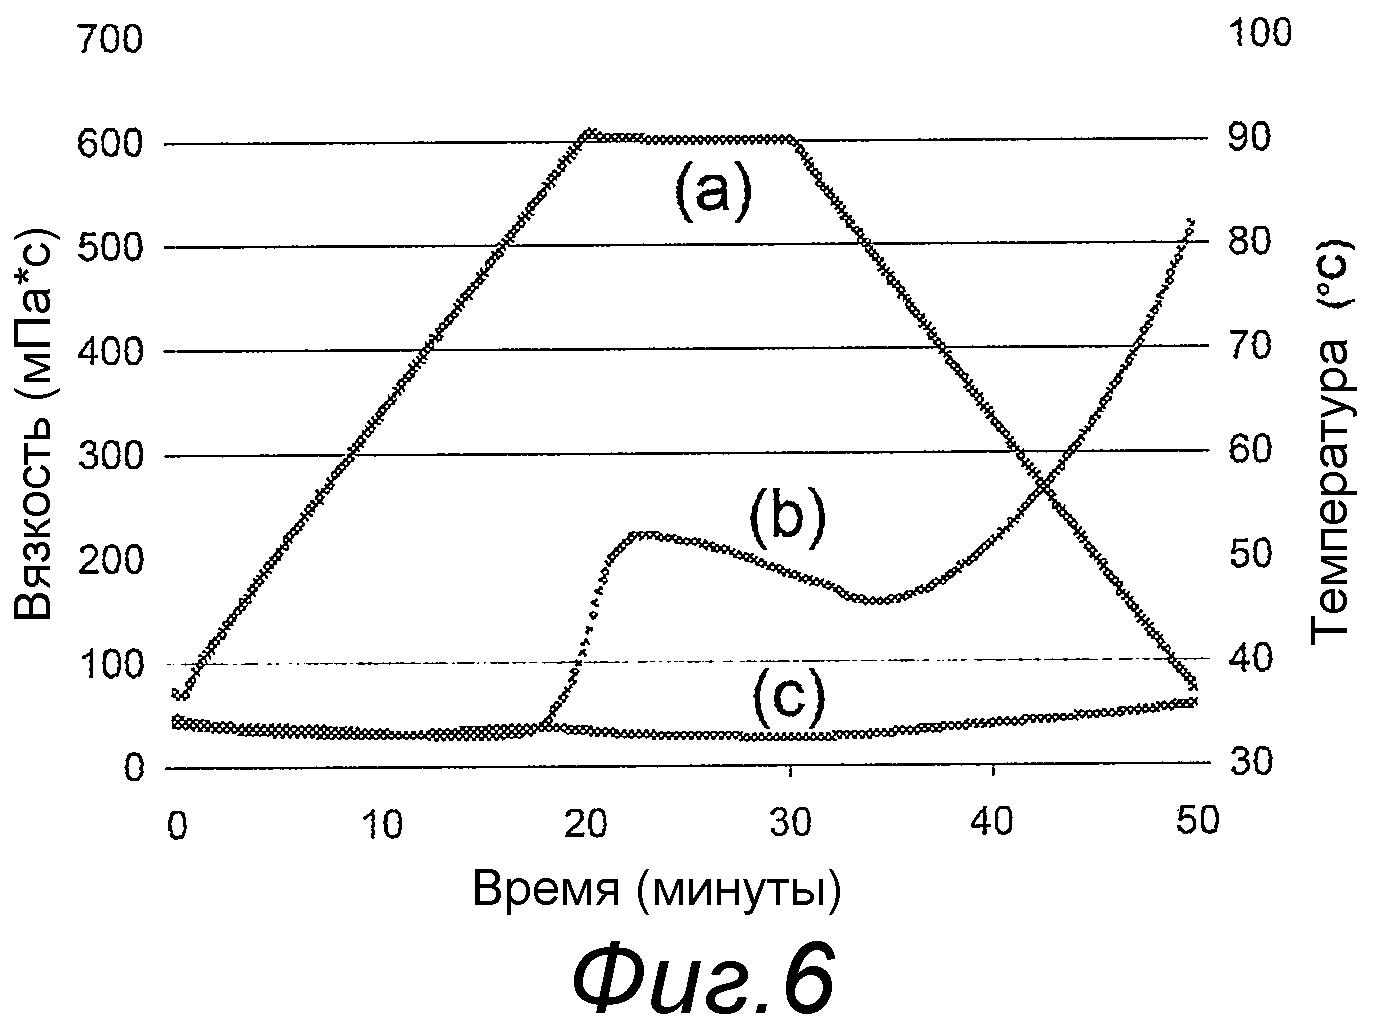 Жидкая энтеральная питательная композиция с высоким содержанием белка